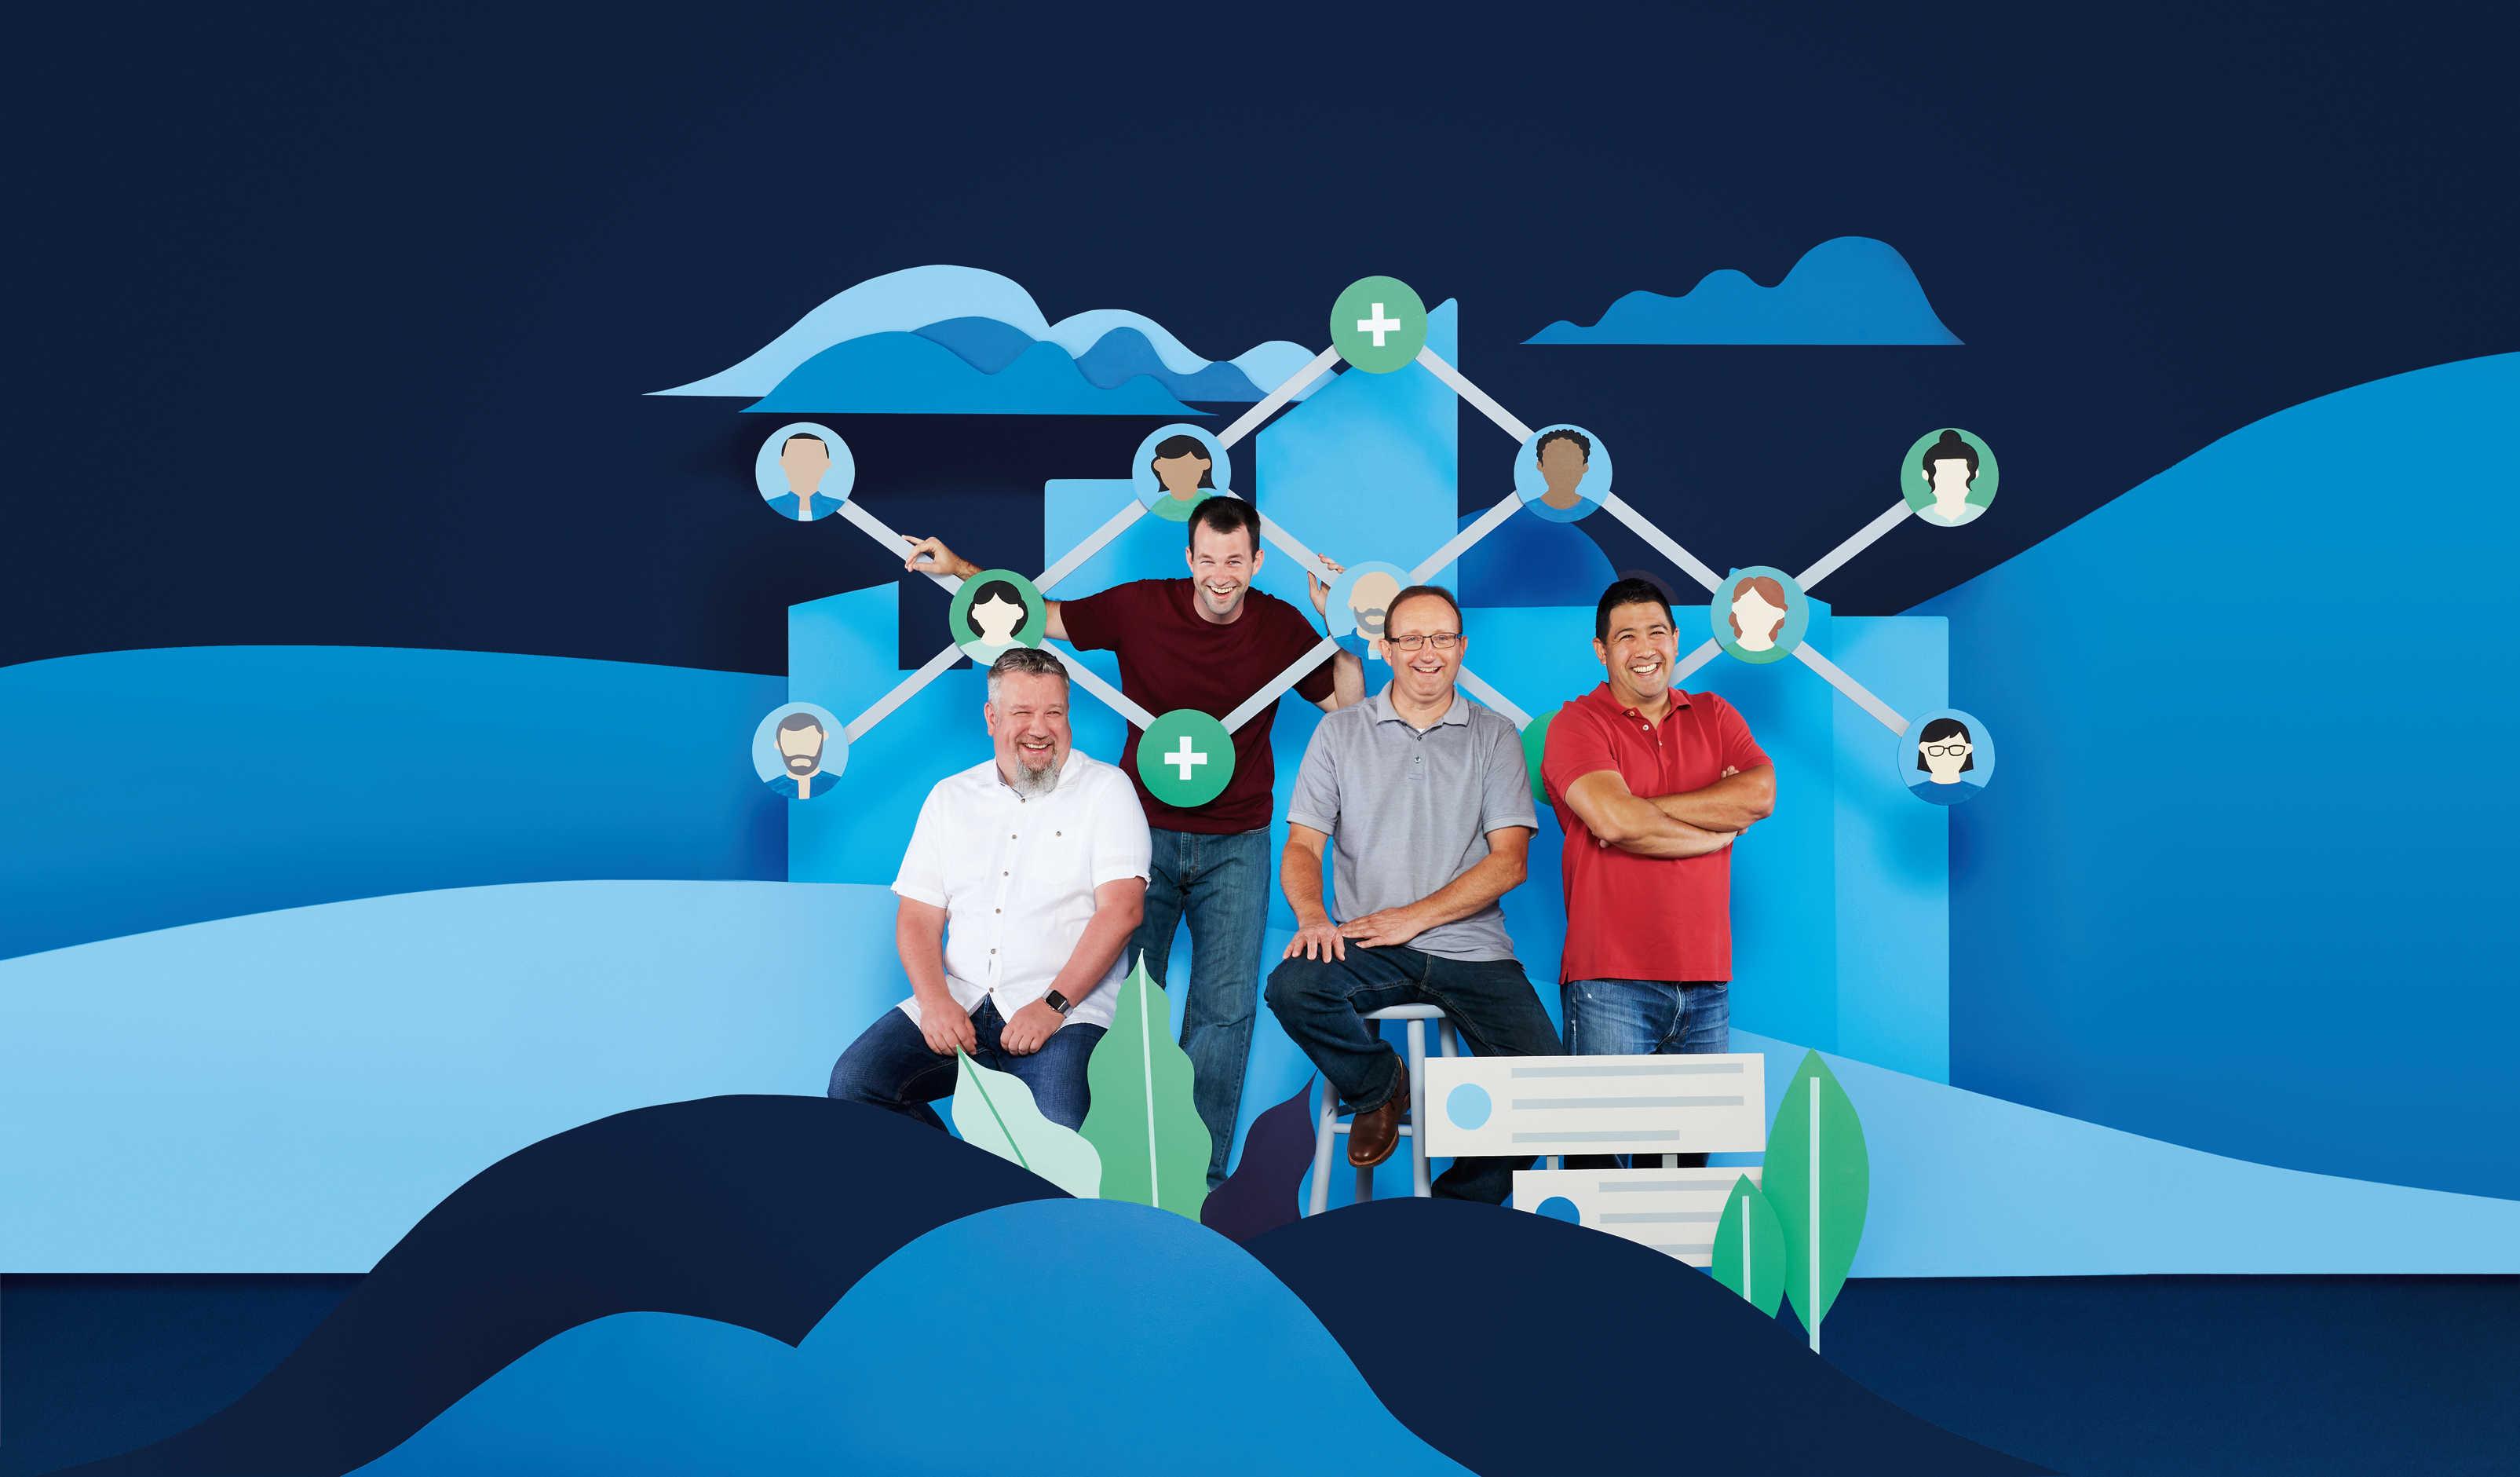 Узнайте, как социальная сеть LinkedIn использовала продукты Atlassian корпоративного класса и вышла на уровень 500млнпользователей